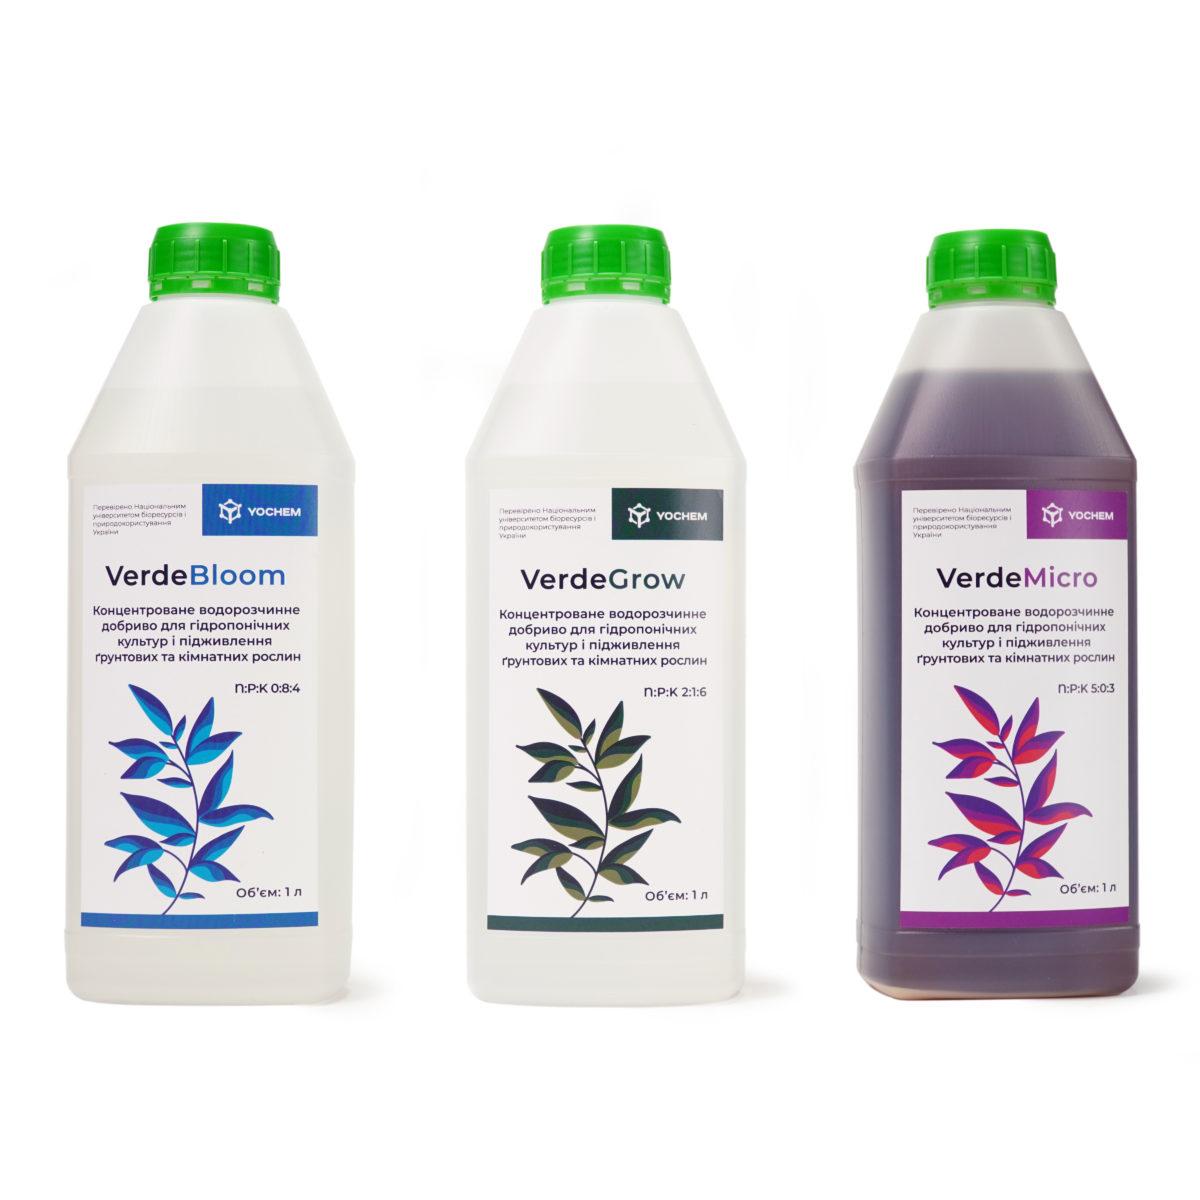 Набор концентрированных водорастворимых удобрений для гидропонных культур и подкормки грунтовых и комнатных растений Verde